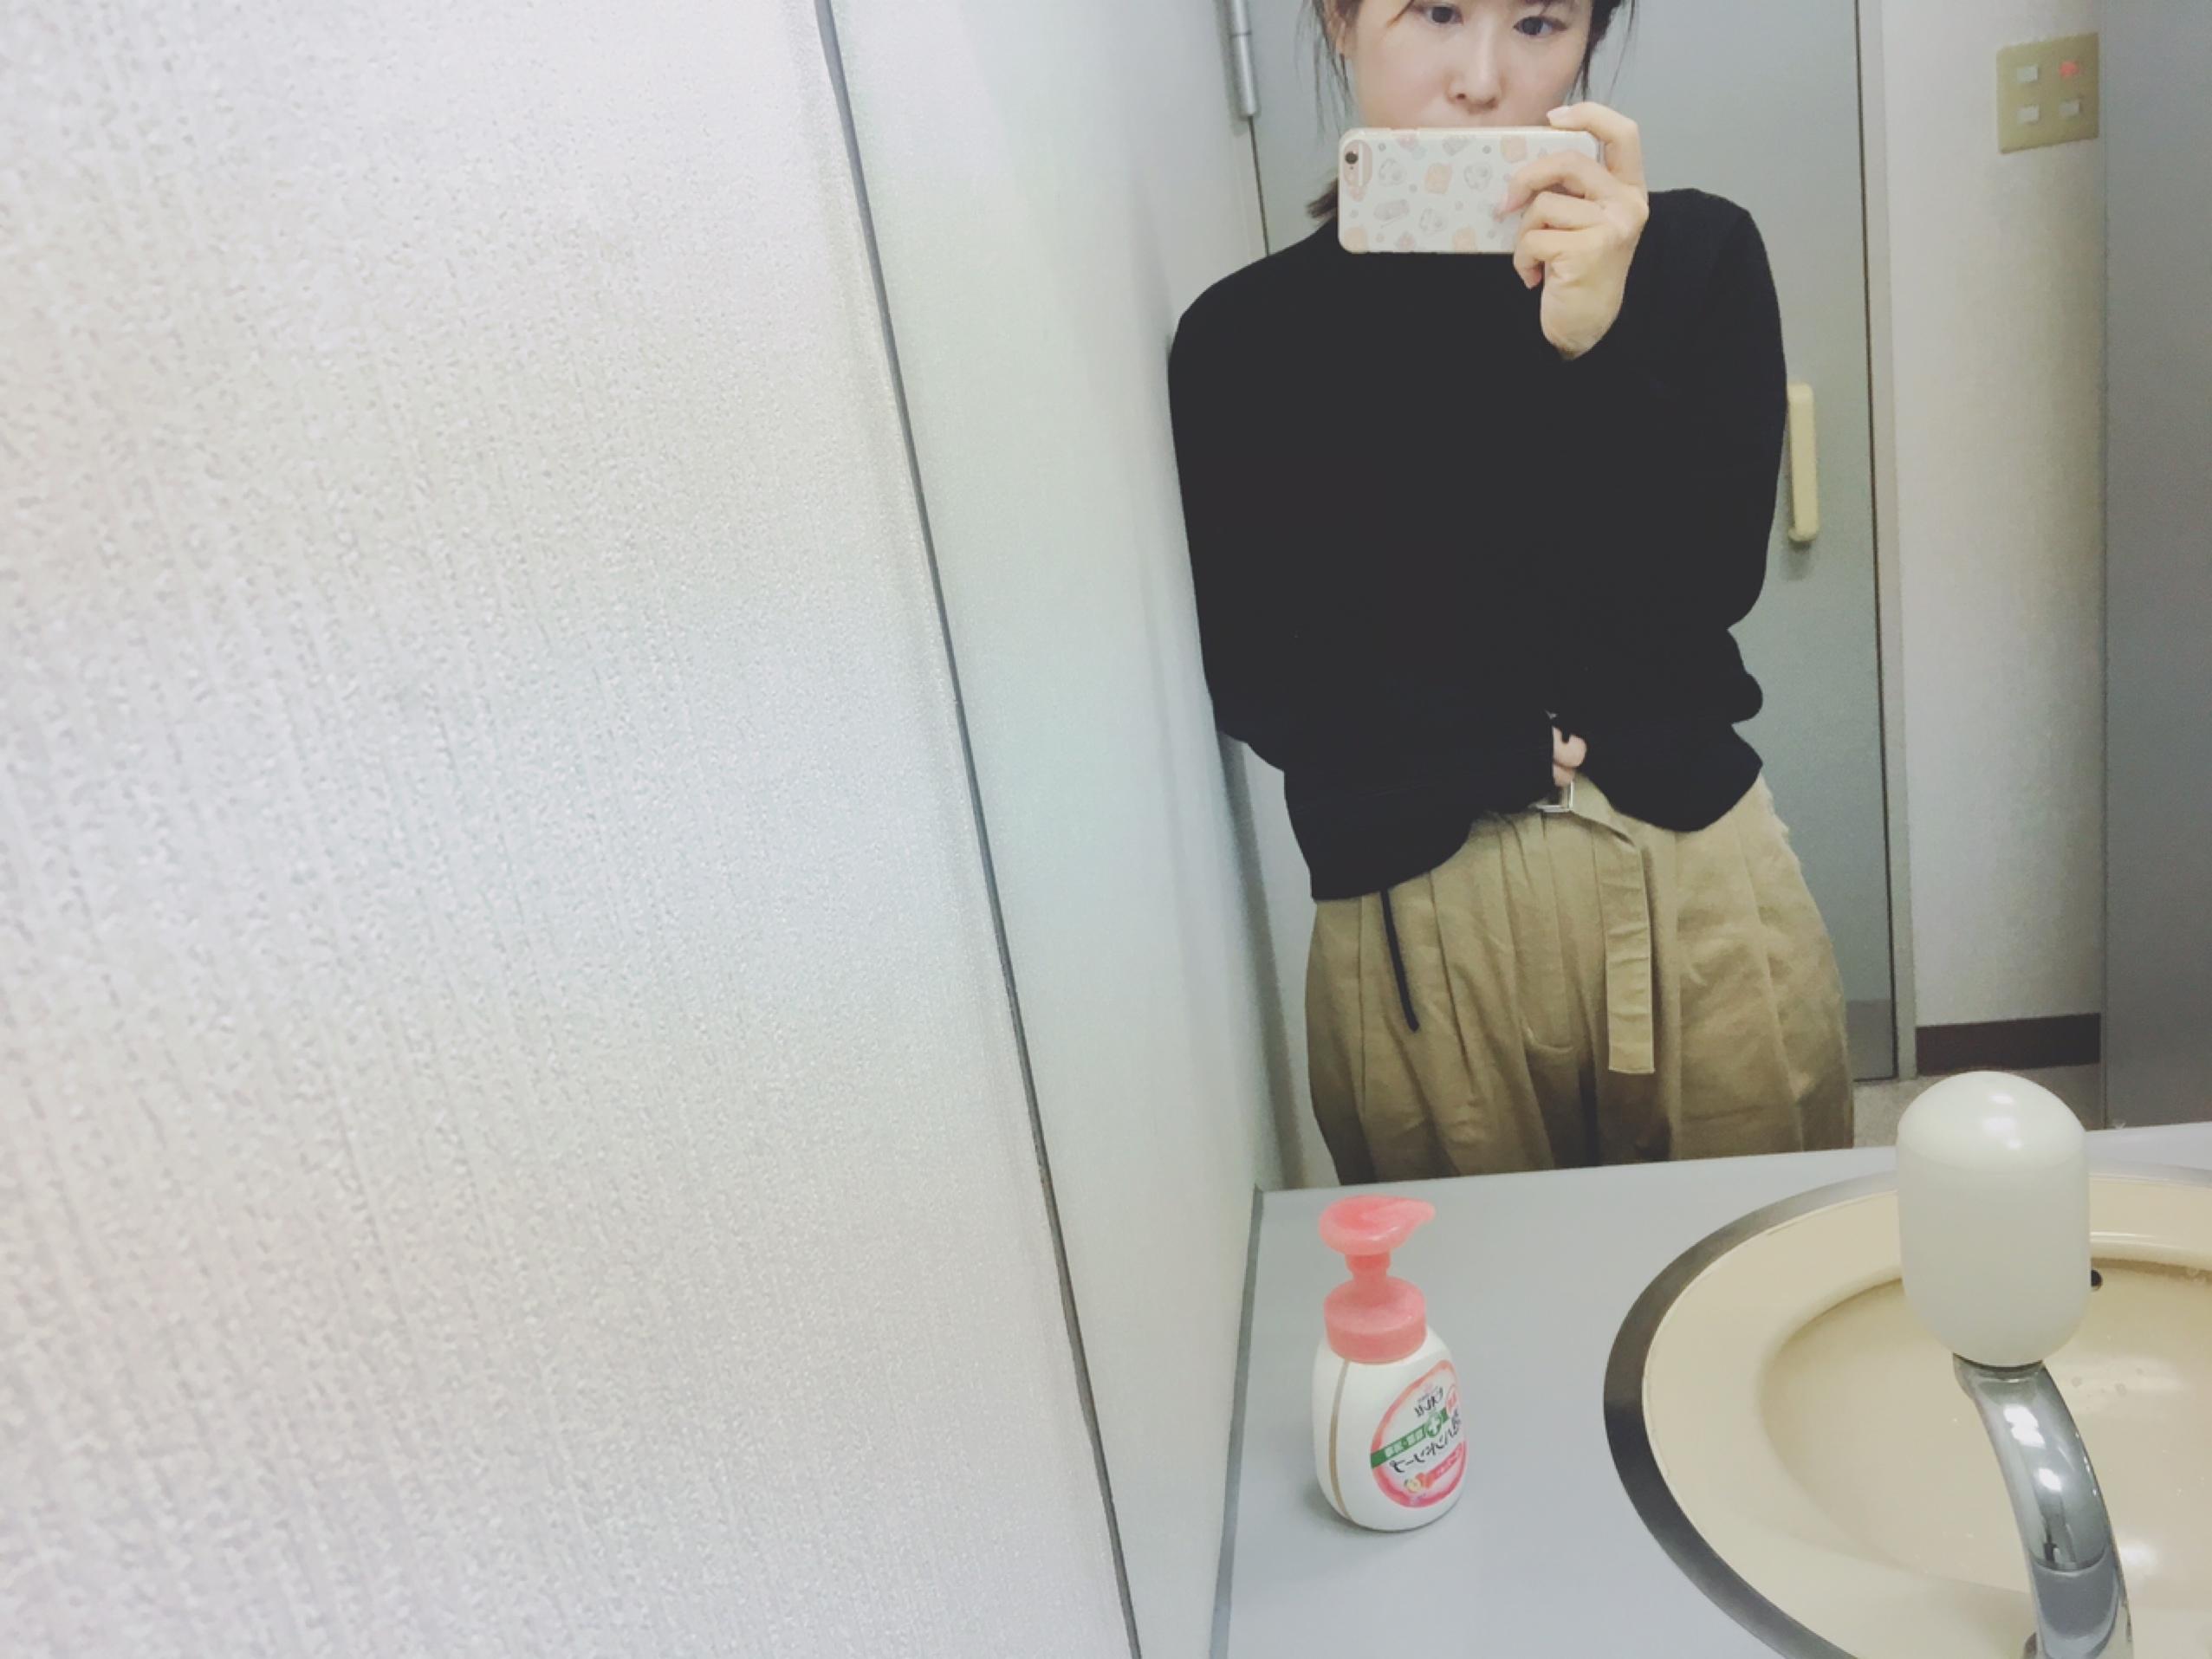 【今週のコーデまとめvol.41】衣装チェンジ!?甘めカジュアル派の7days_8